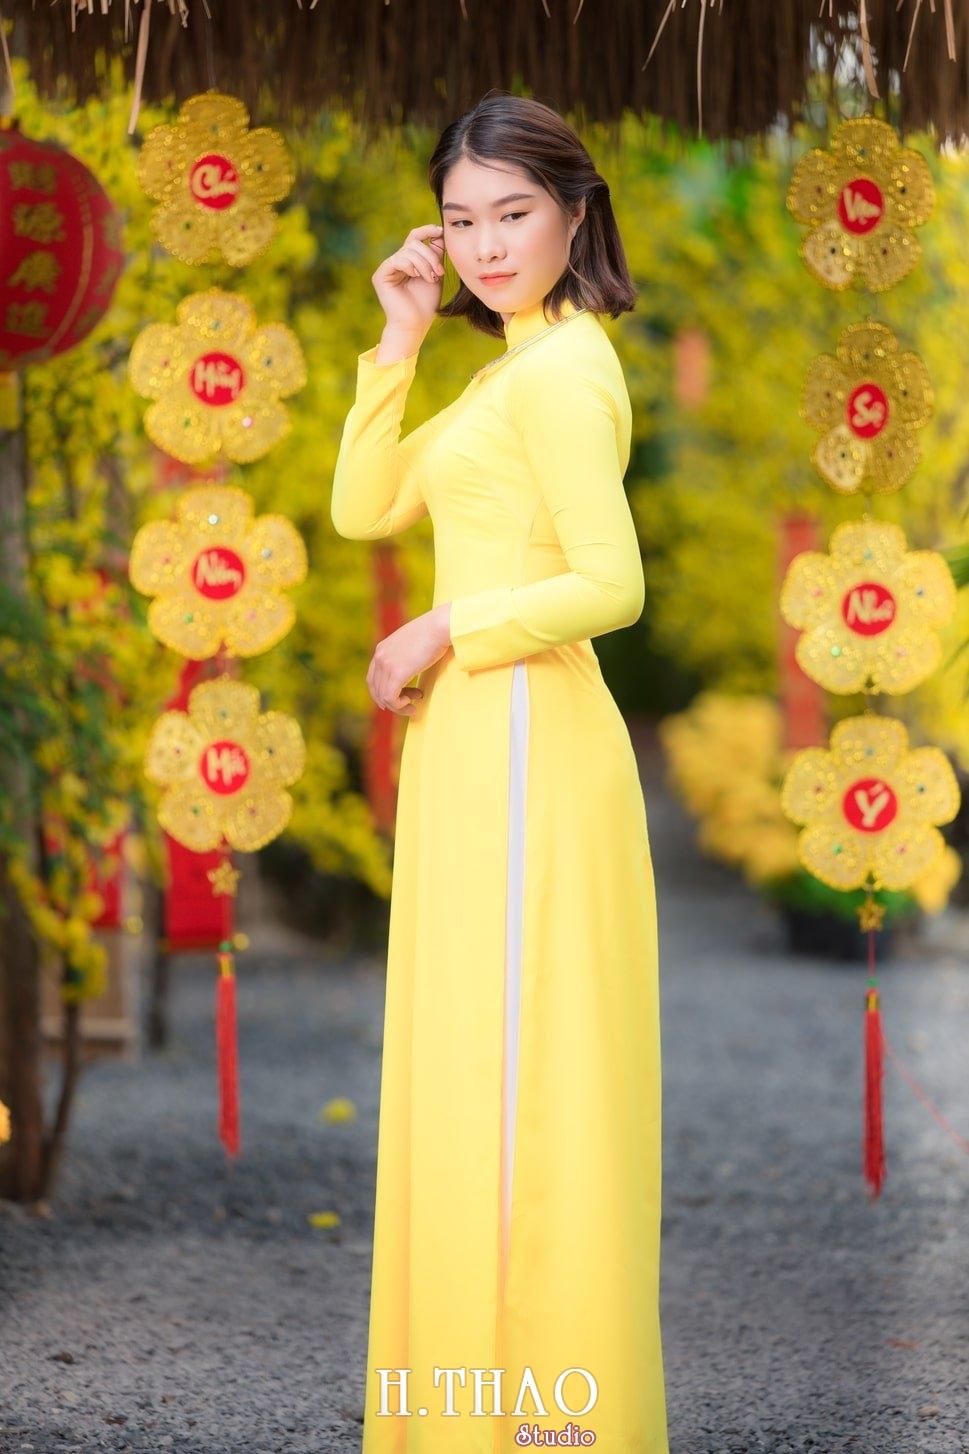 Ao dai tet 1 - Top 40 ảnh áo dài chụp với Hoa đào, hoa mai tết tuyệt đẹp- HThao Studio